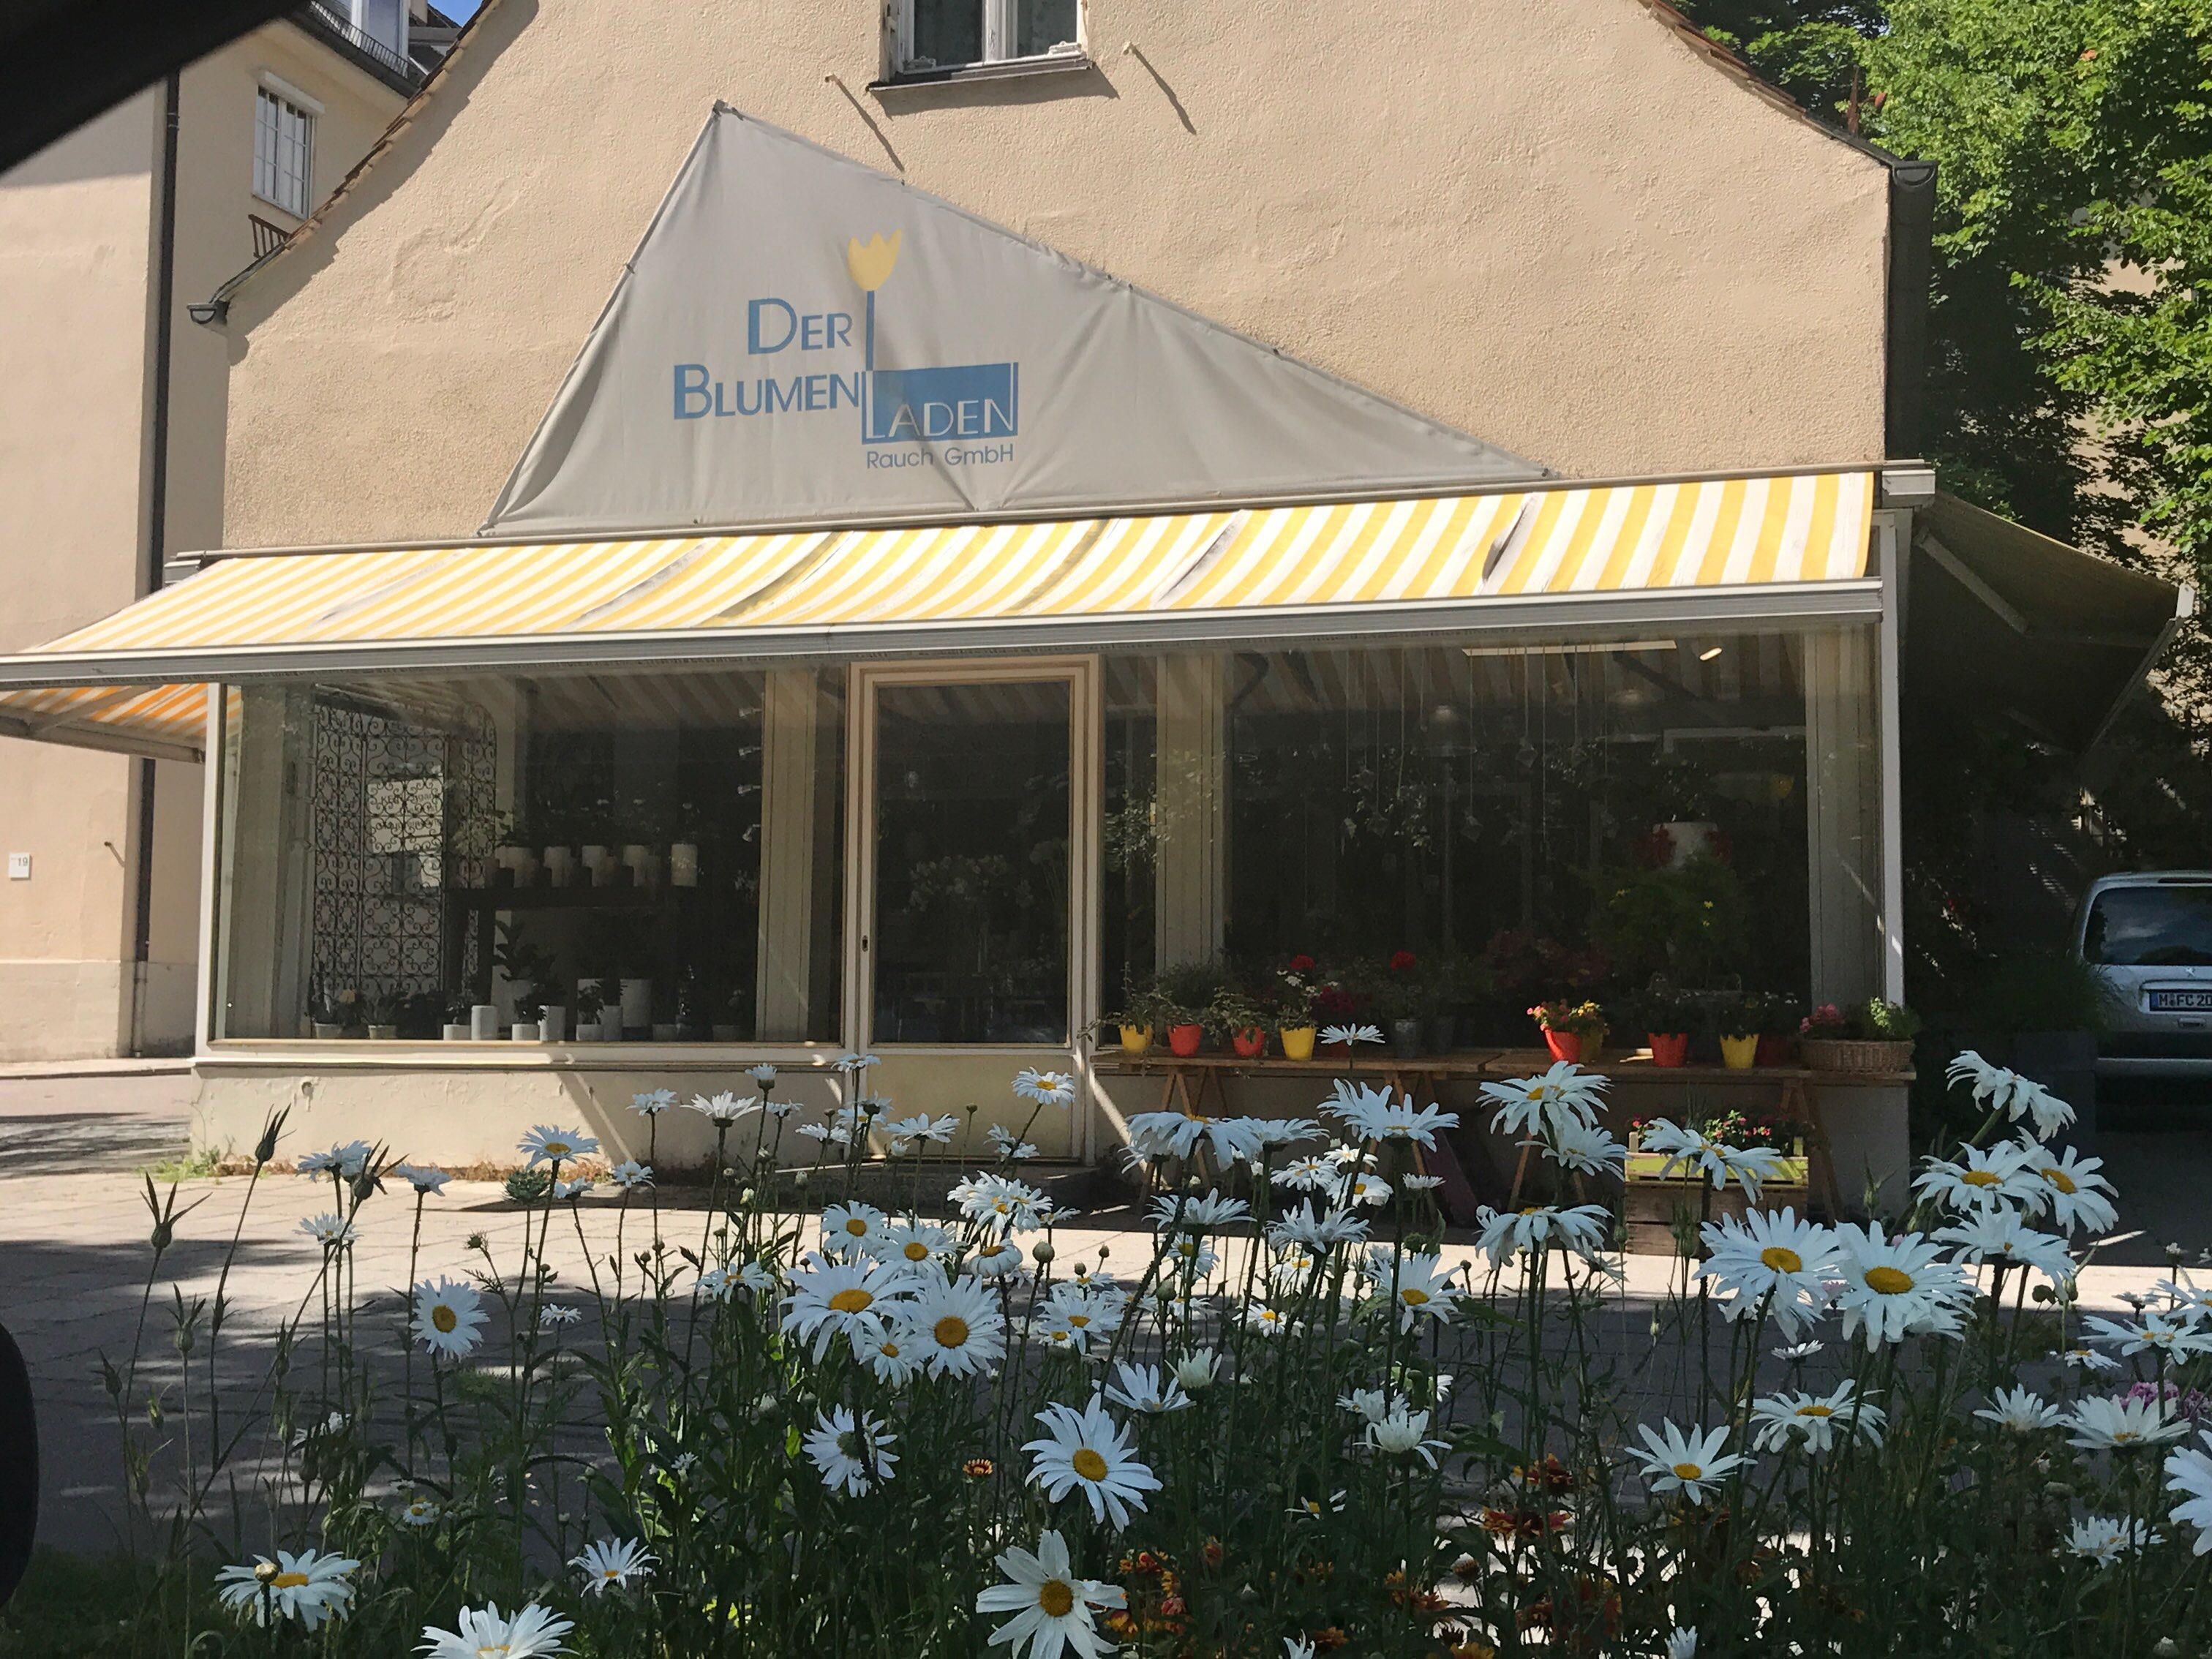 ➤ Der Blumenladen Rauch GmbH 80804 München-Schwabing-West ...